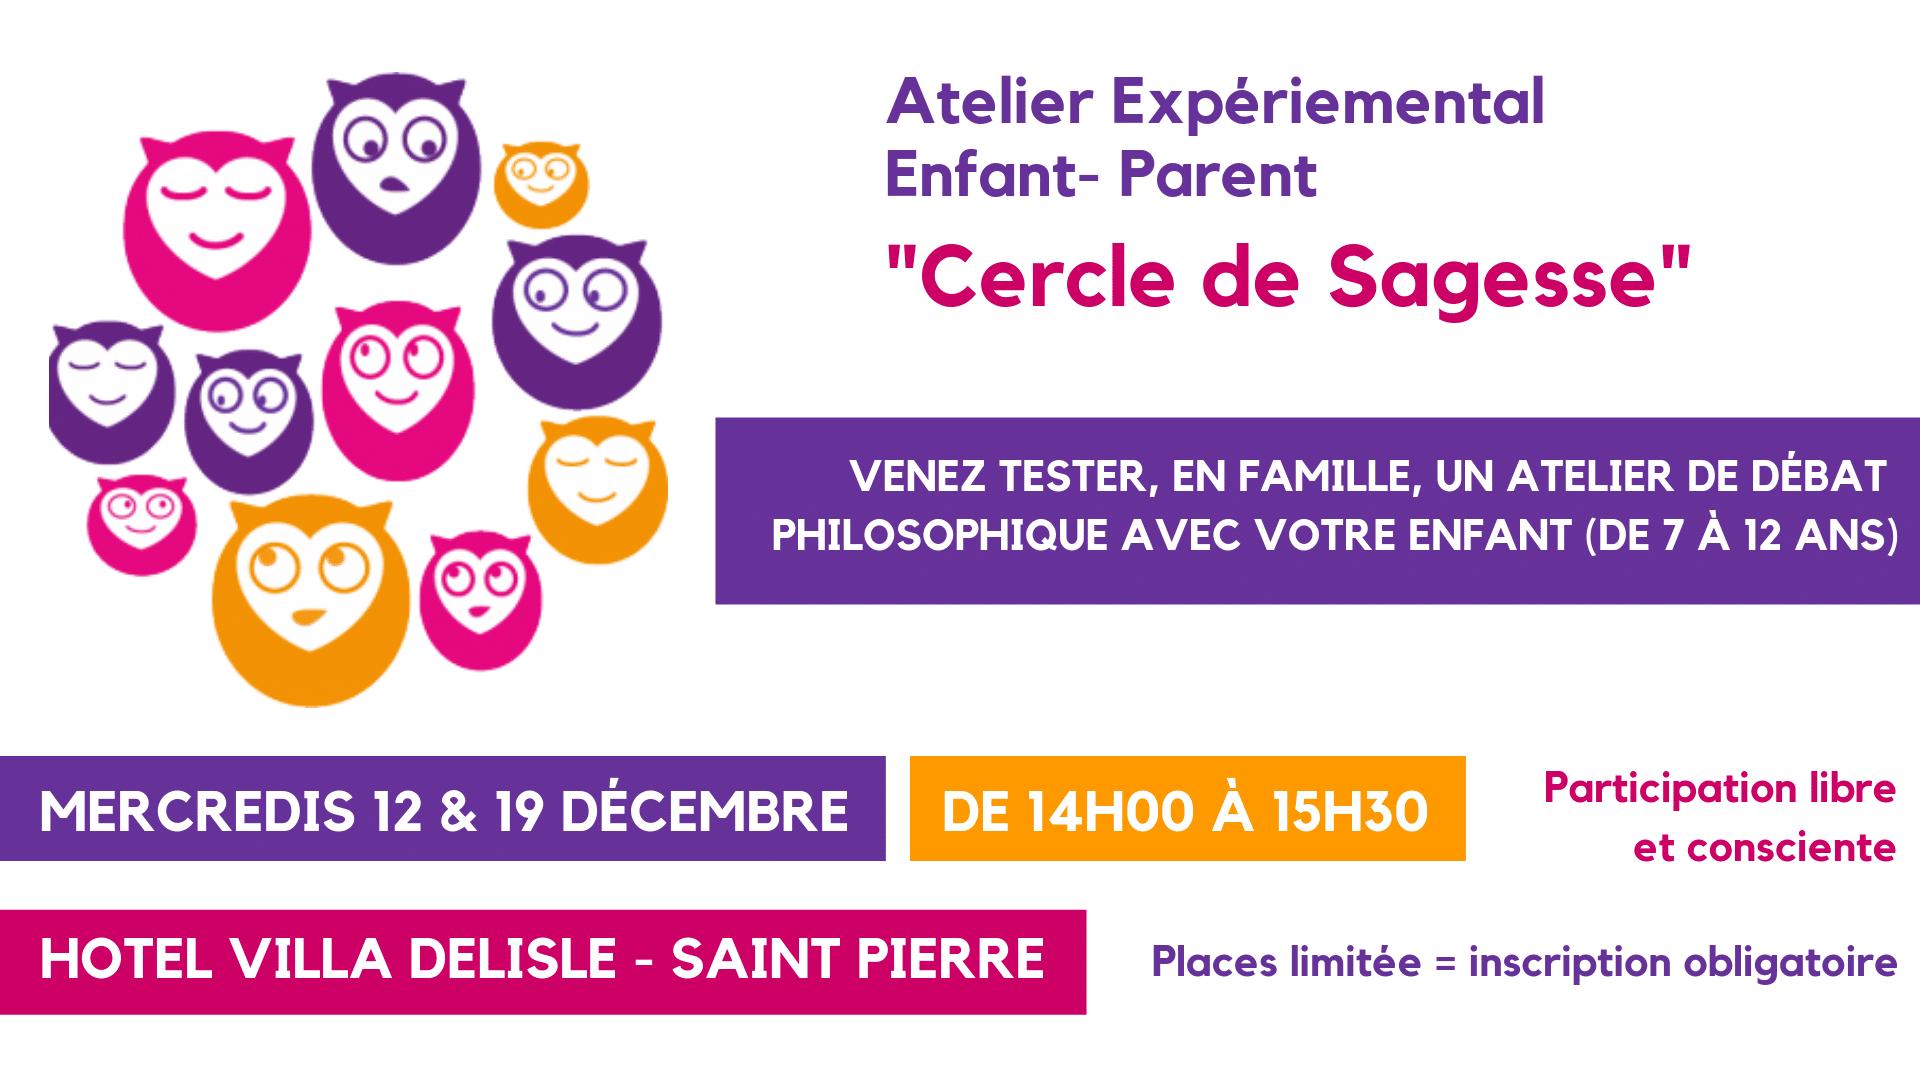 Cercle de Sagesse – un atelier expérimental enfant-parent !